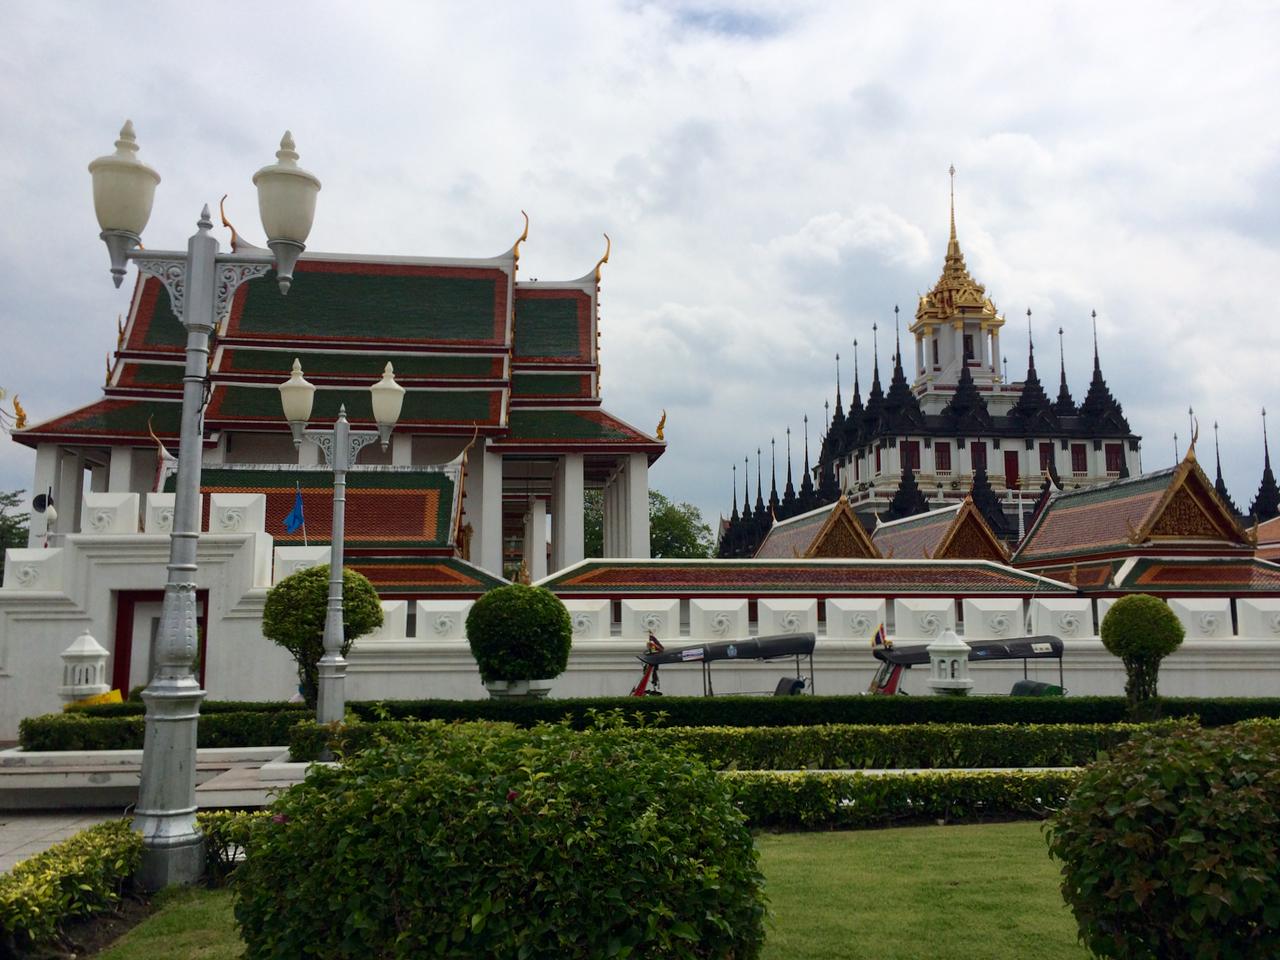 Wat Ratchanadda in Bangkok, Thailand